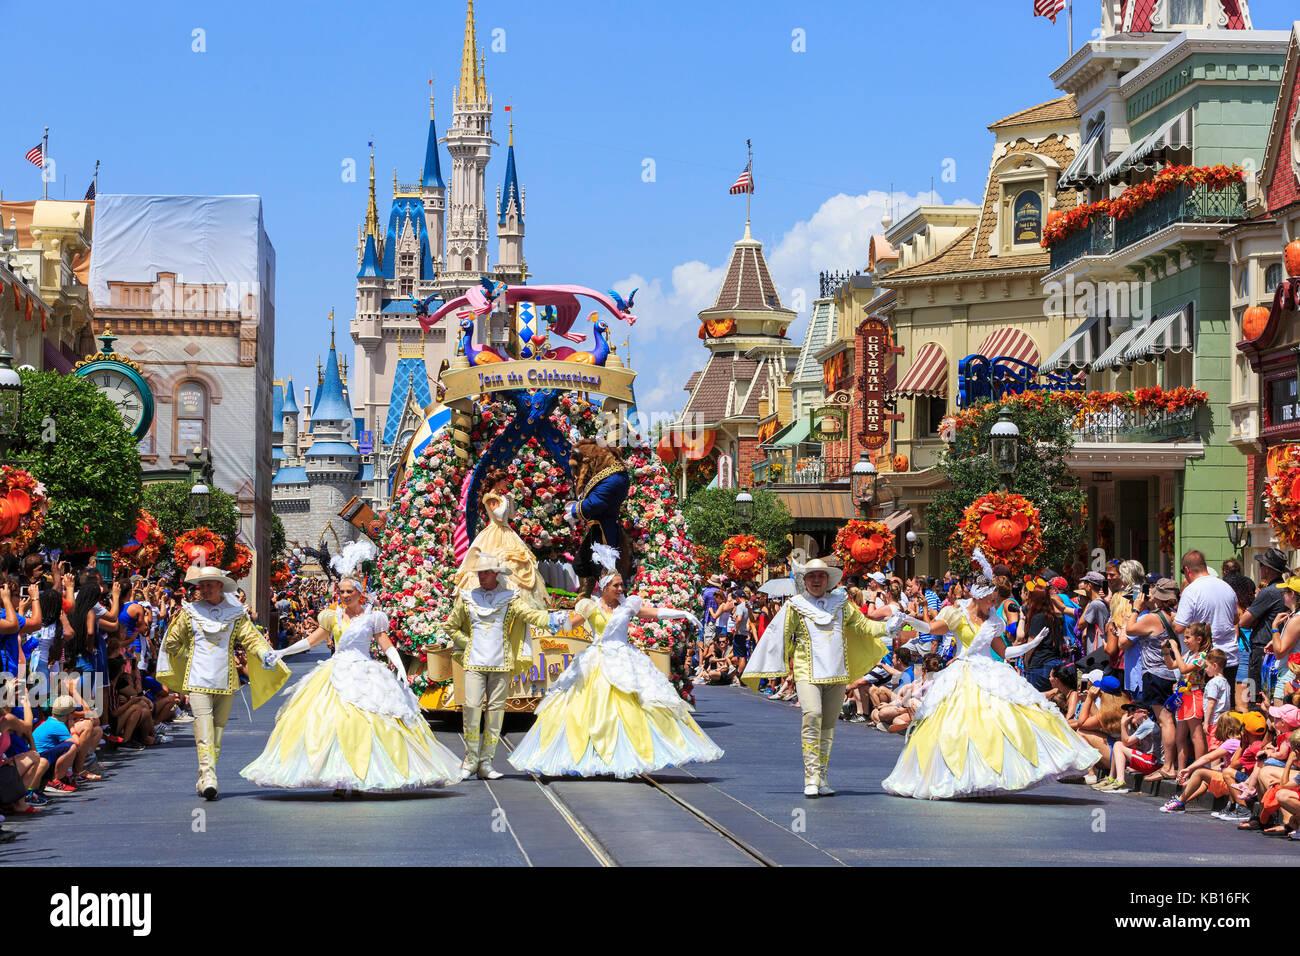 Walt Disney, il Parco a Tema del Regno Magico, che mostra il castello da favola, Orlando, Florida, Stati Uniti d'America Immagini Stock